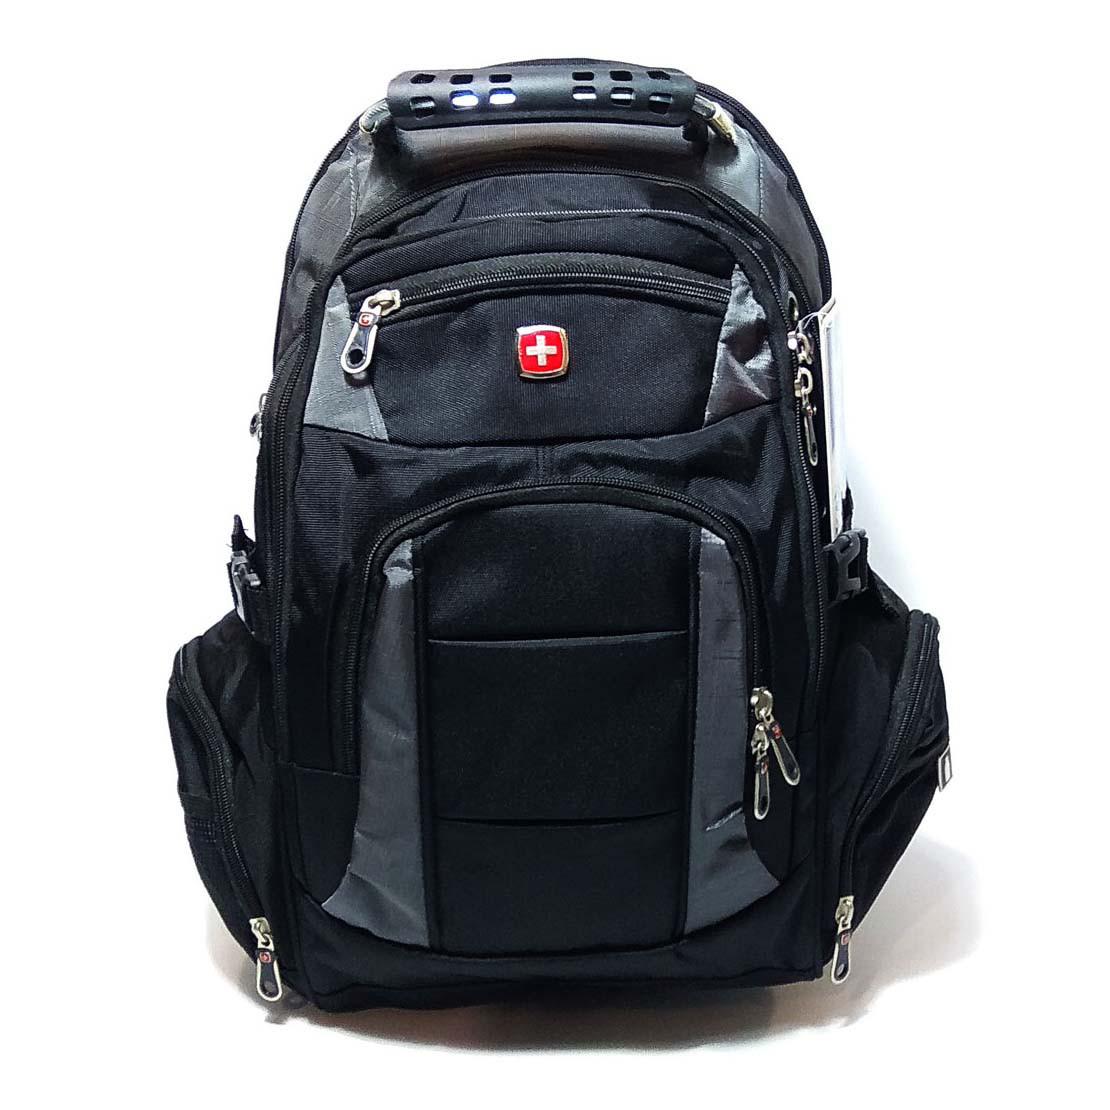 Місткий рюкзак SwissGear, свисгир. Чорний з сірим. 35L / 7697 grey